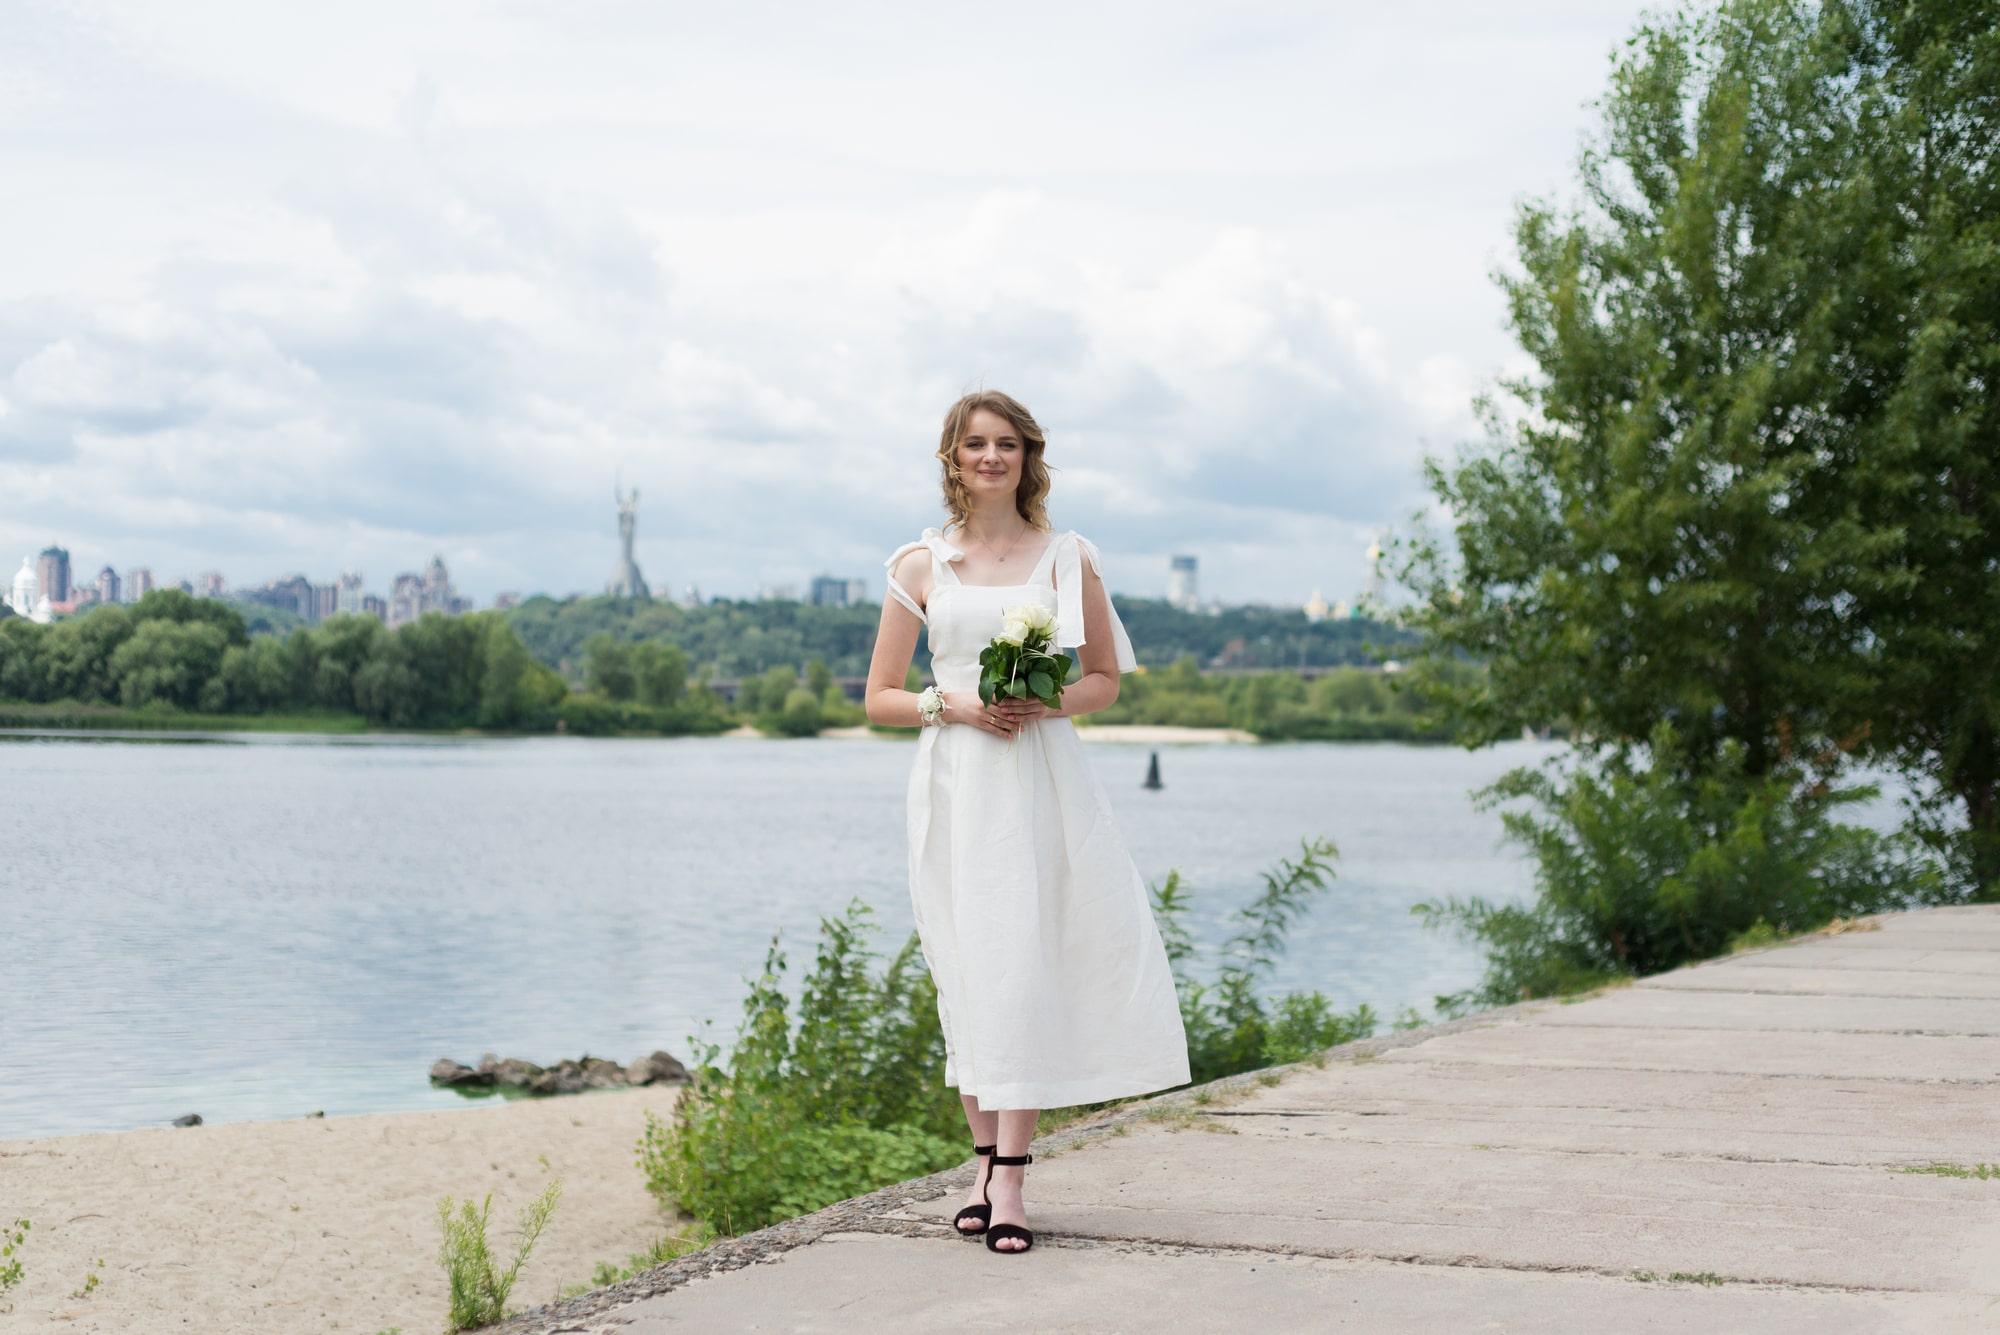 Фотосессия свадебная возле Днепра - невеста с букетом у реки